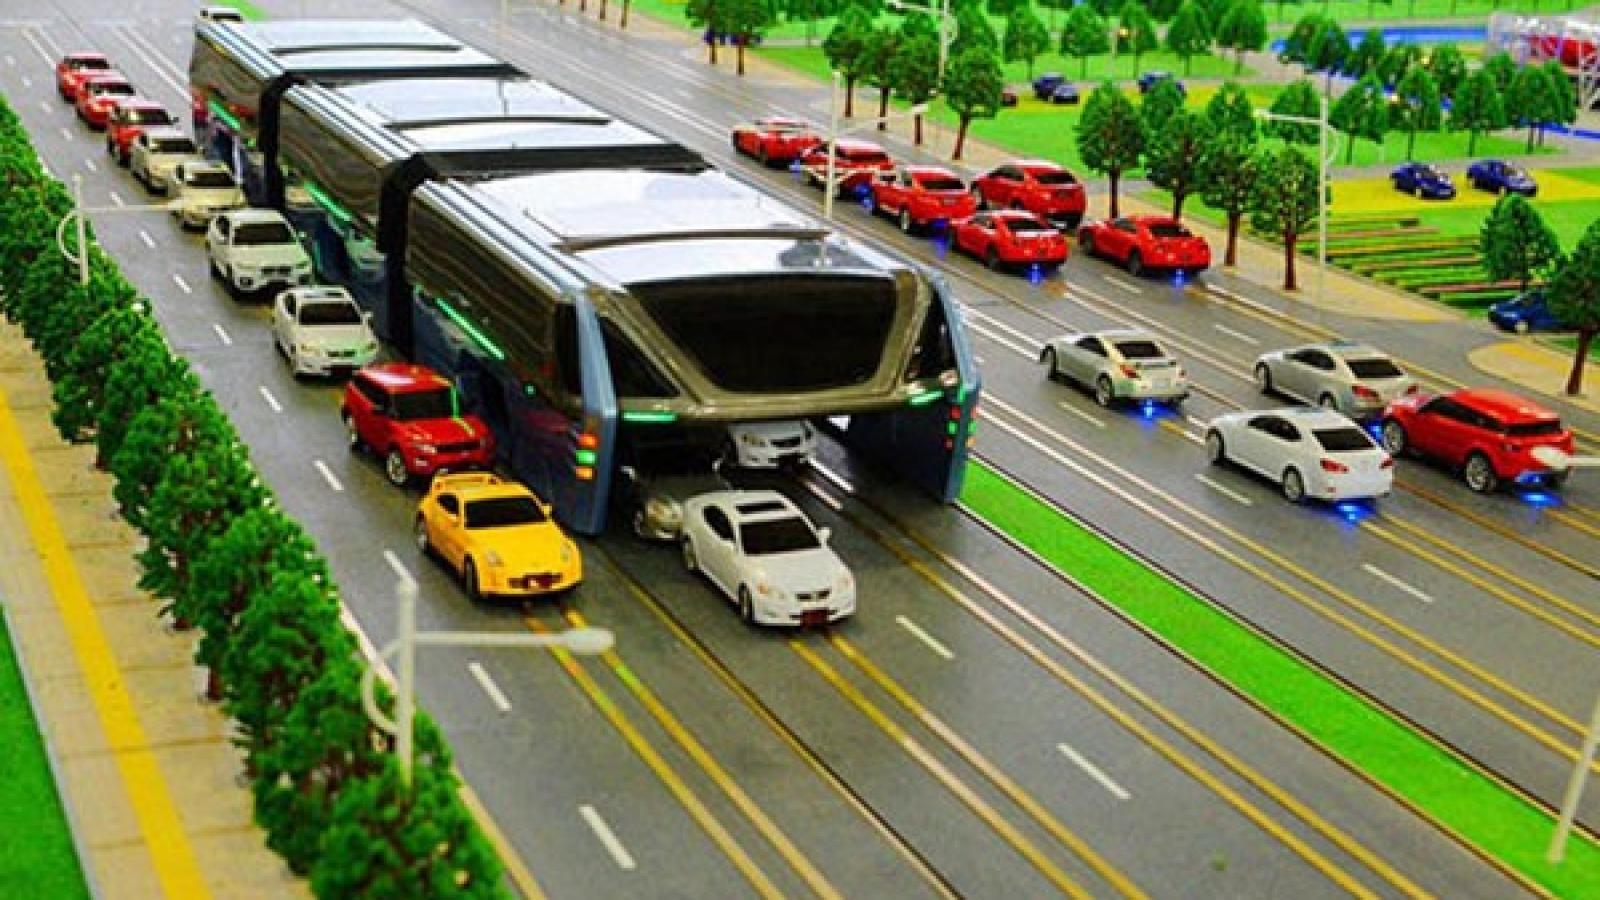 اتوبوس چینی ها که مشکل ترافیک را برای همیشه حل می کند - اجاره خودرو طباطبایی